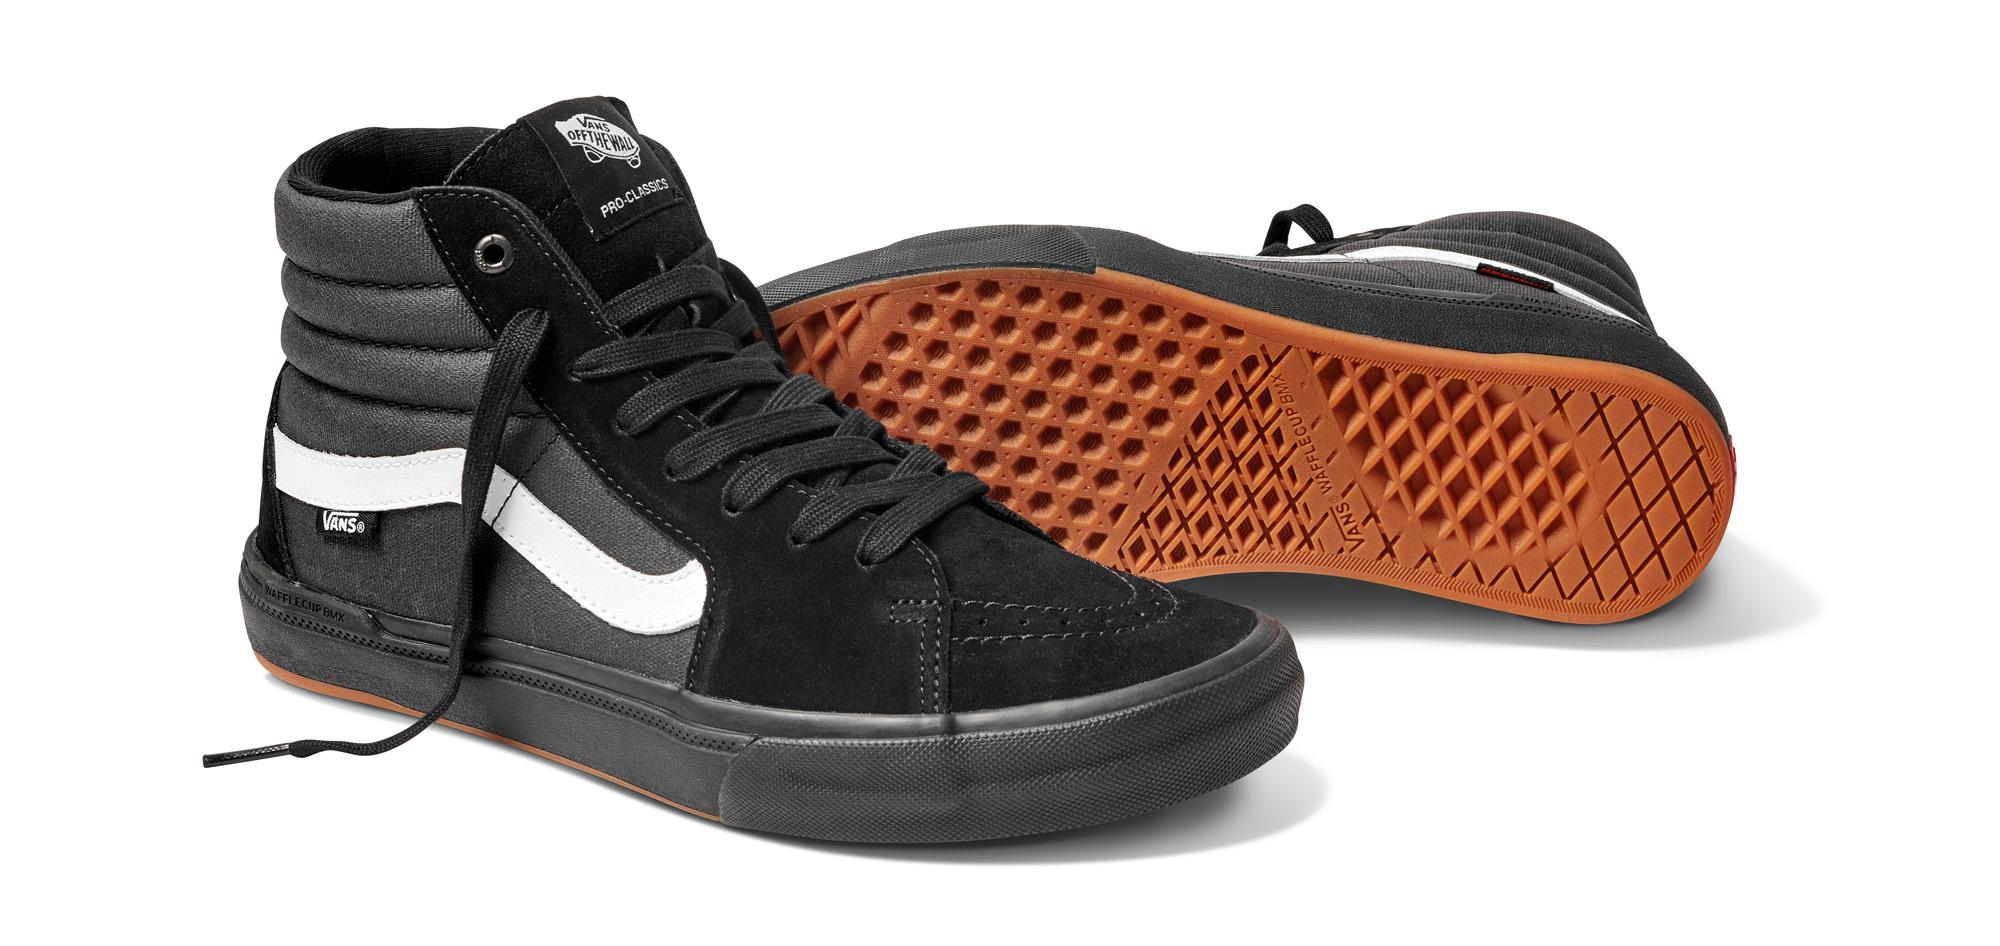 Sk8 Hi Pro BMX Shoes | Black | Vans